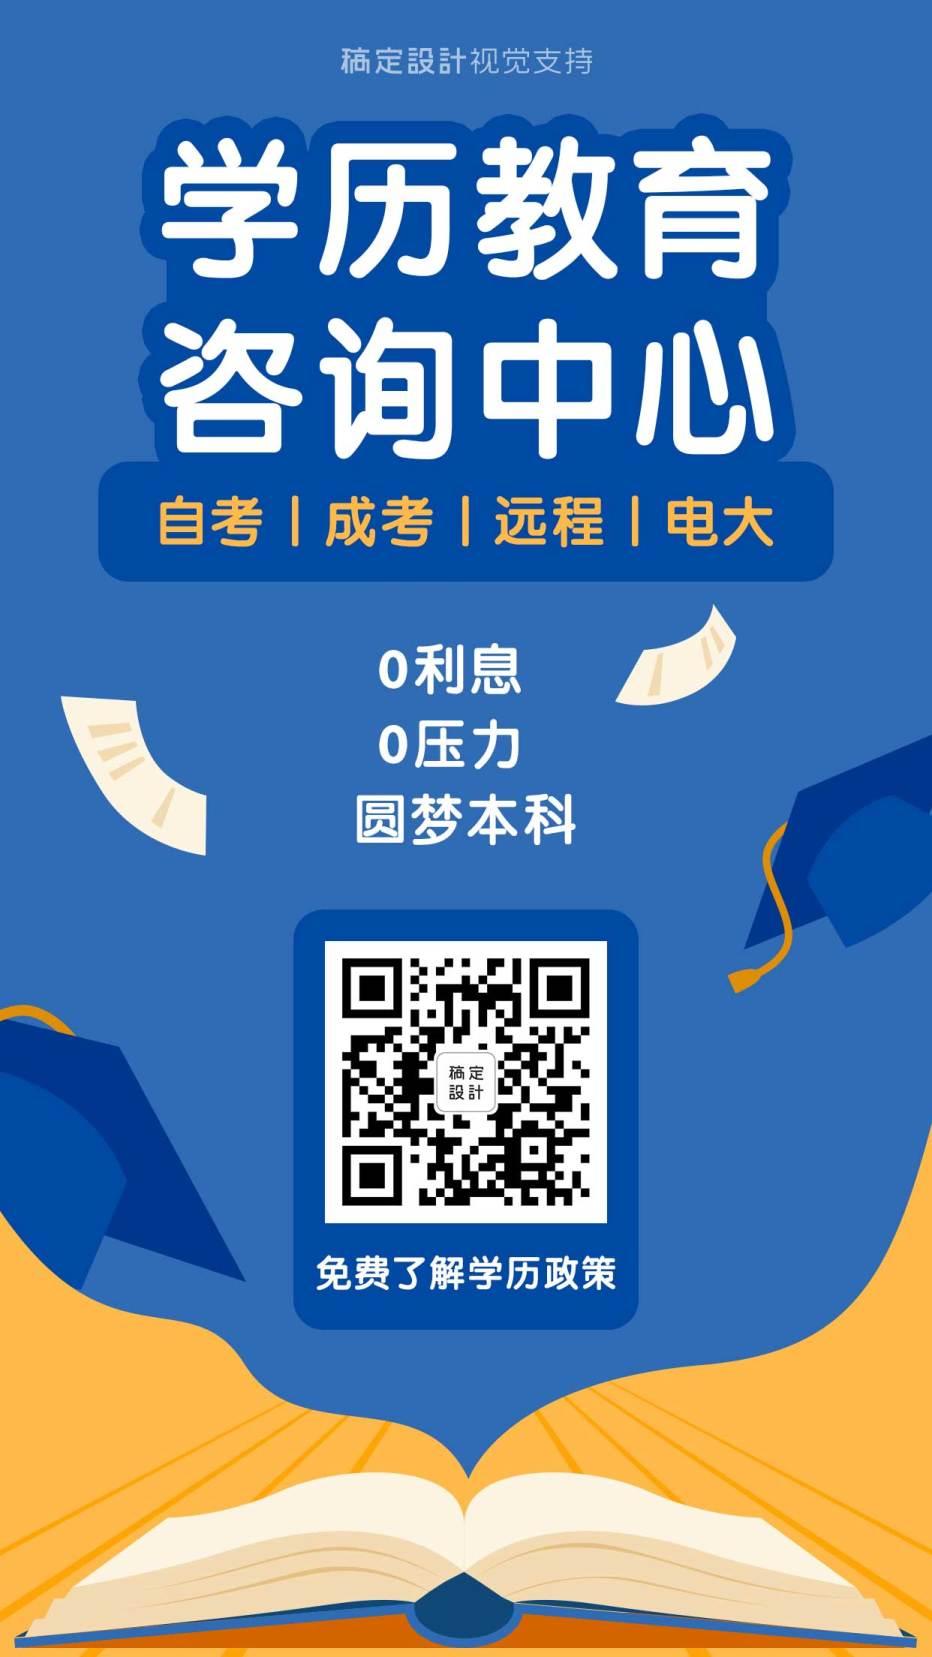 学历教育咨询中心宣传海报